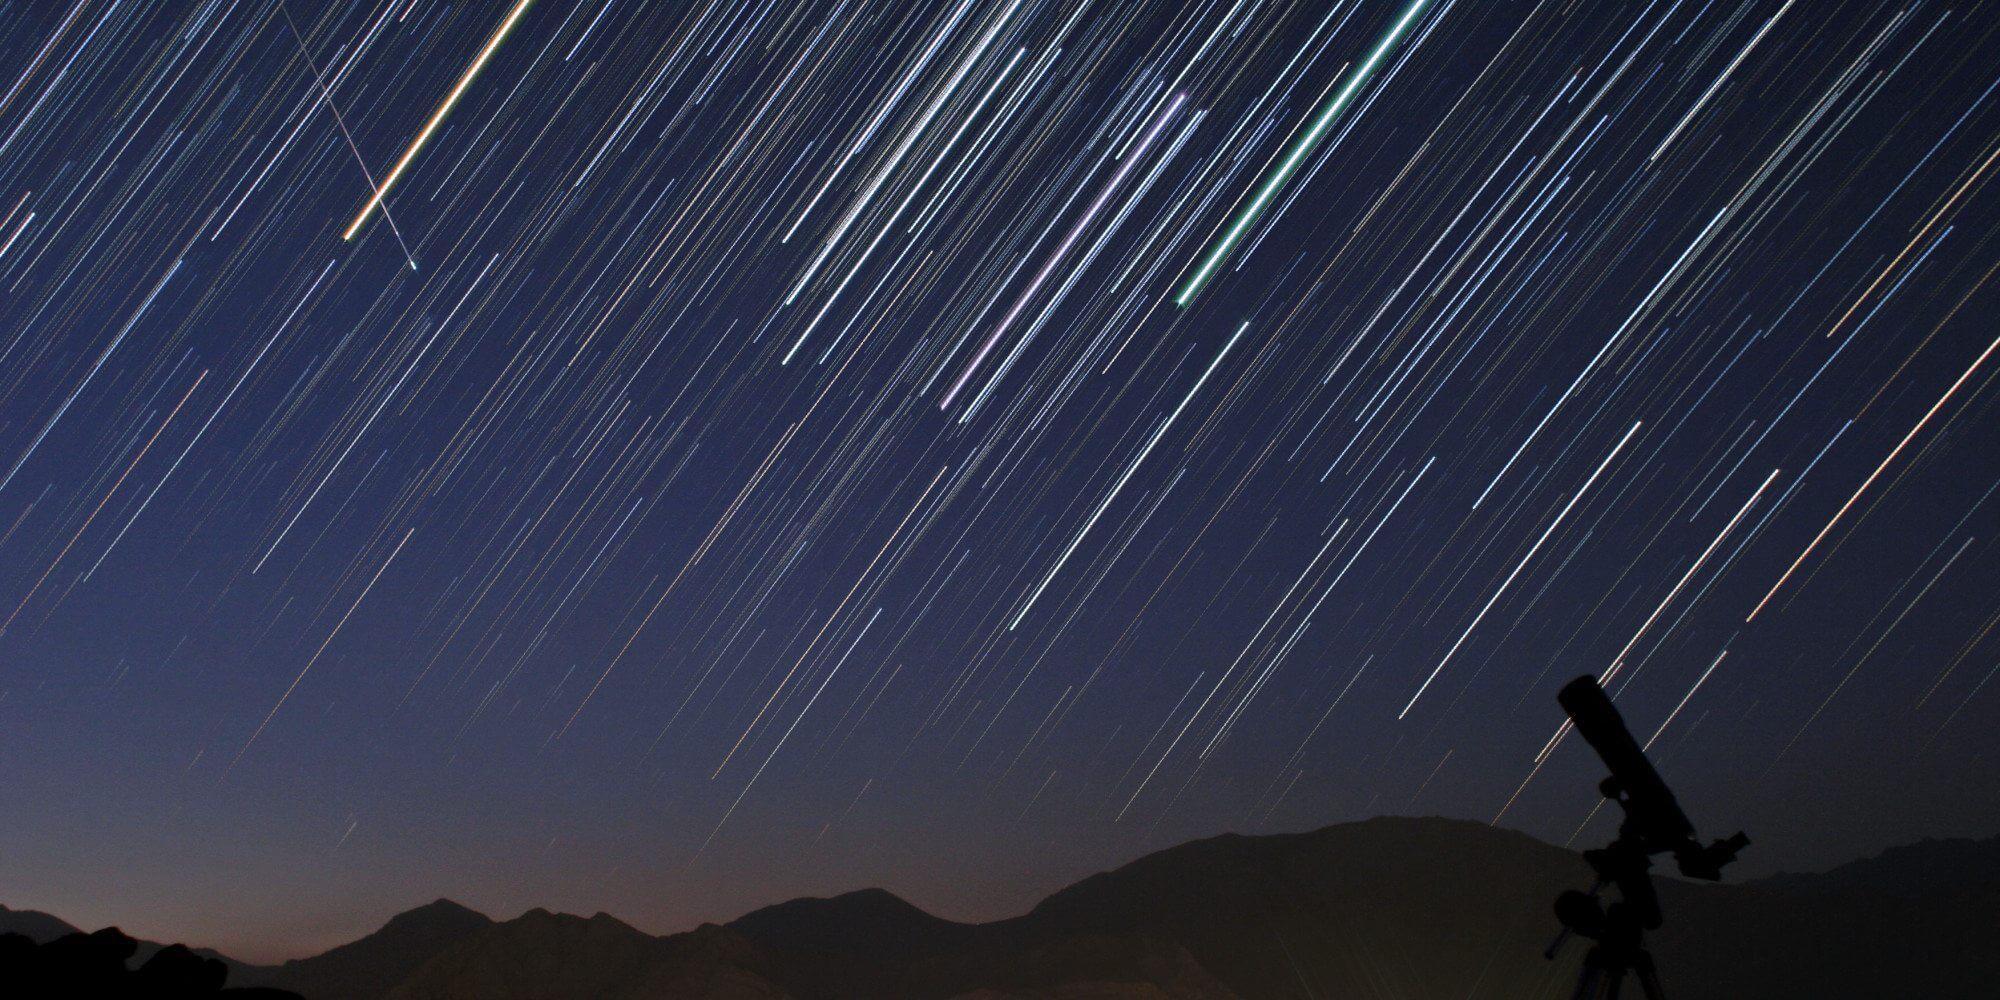 chuvas de meteoros